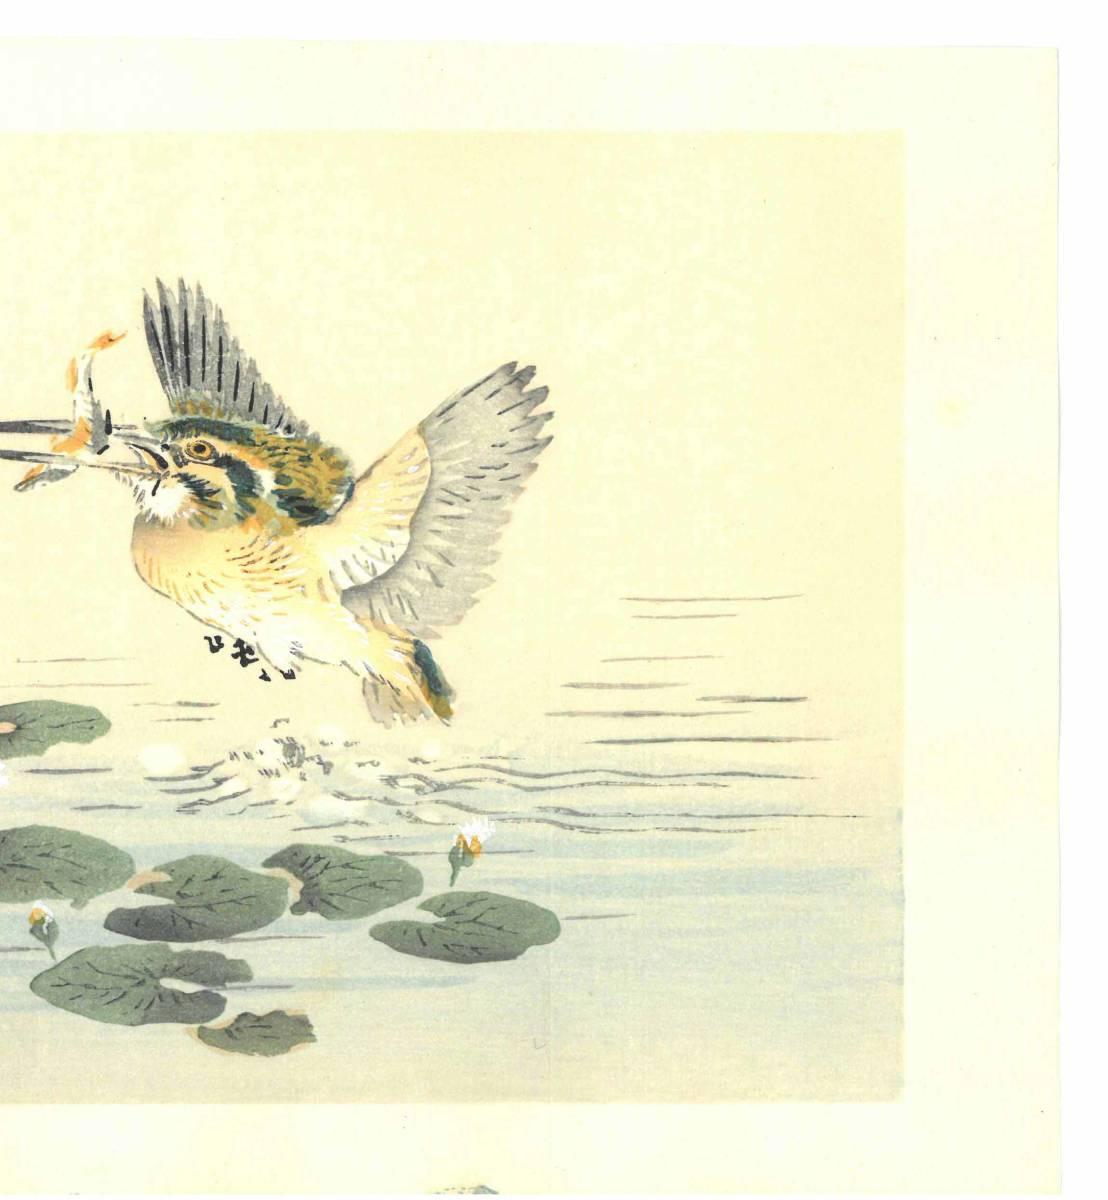 幸野楳嶺 (Kono Bairei) (1844~1895) 木版画 かわせみ 初版明治期~ 版元蔵出し作品! 京都の一流の摺師の技をご堪能下さい。_画像5